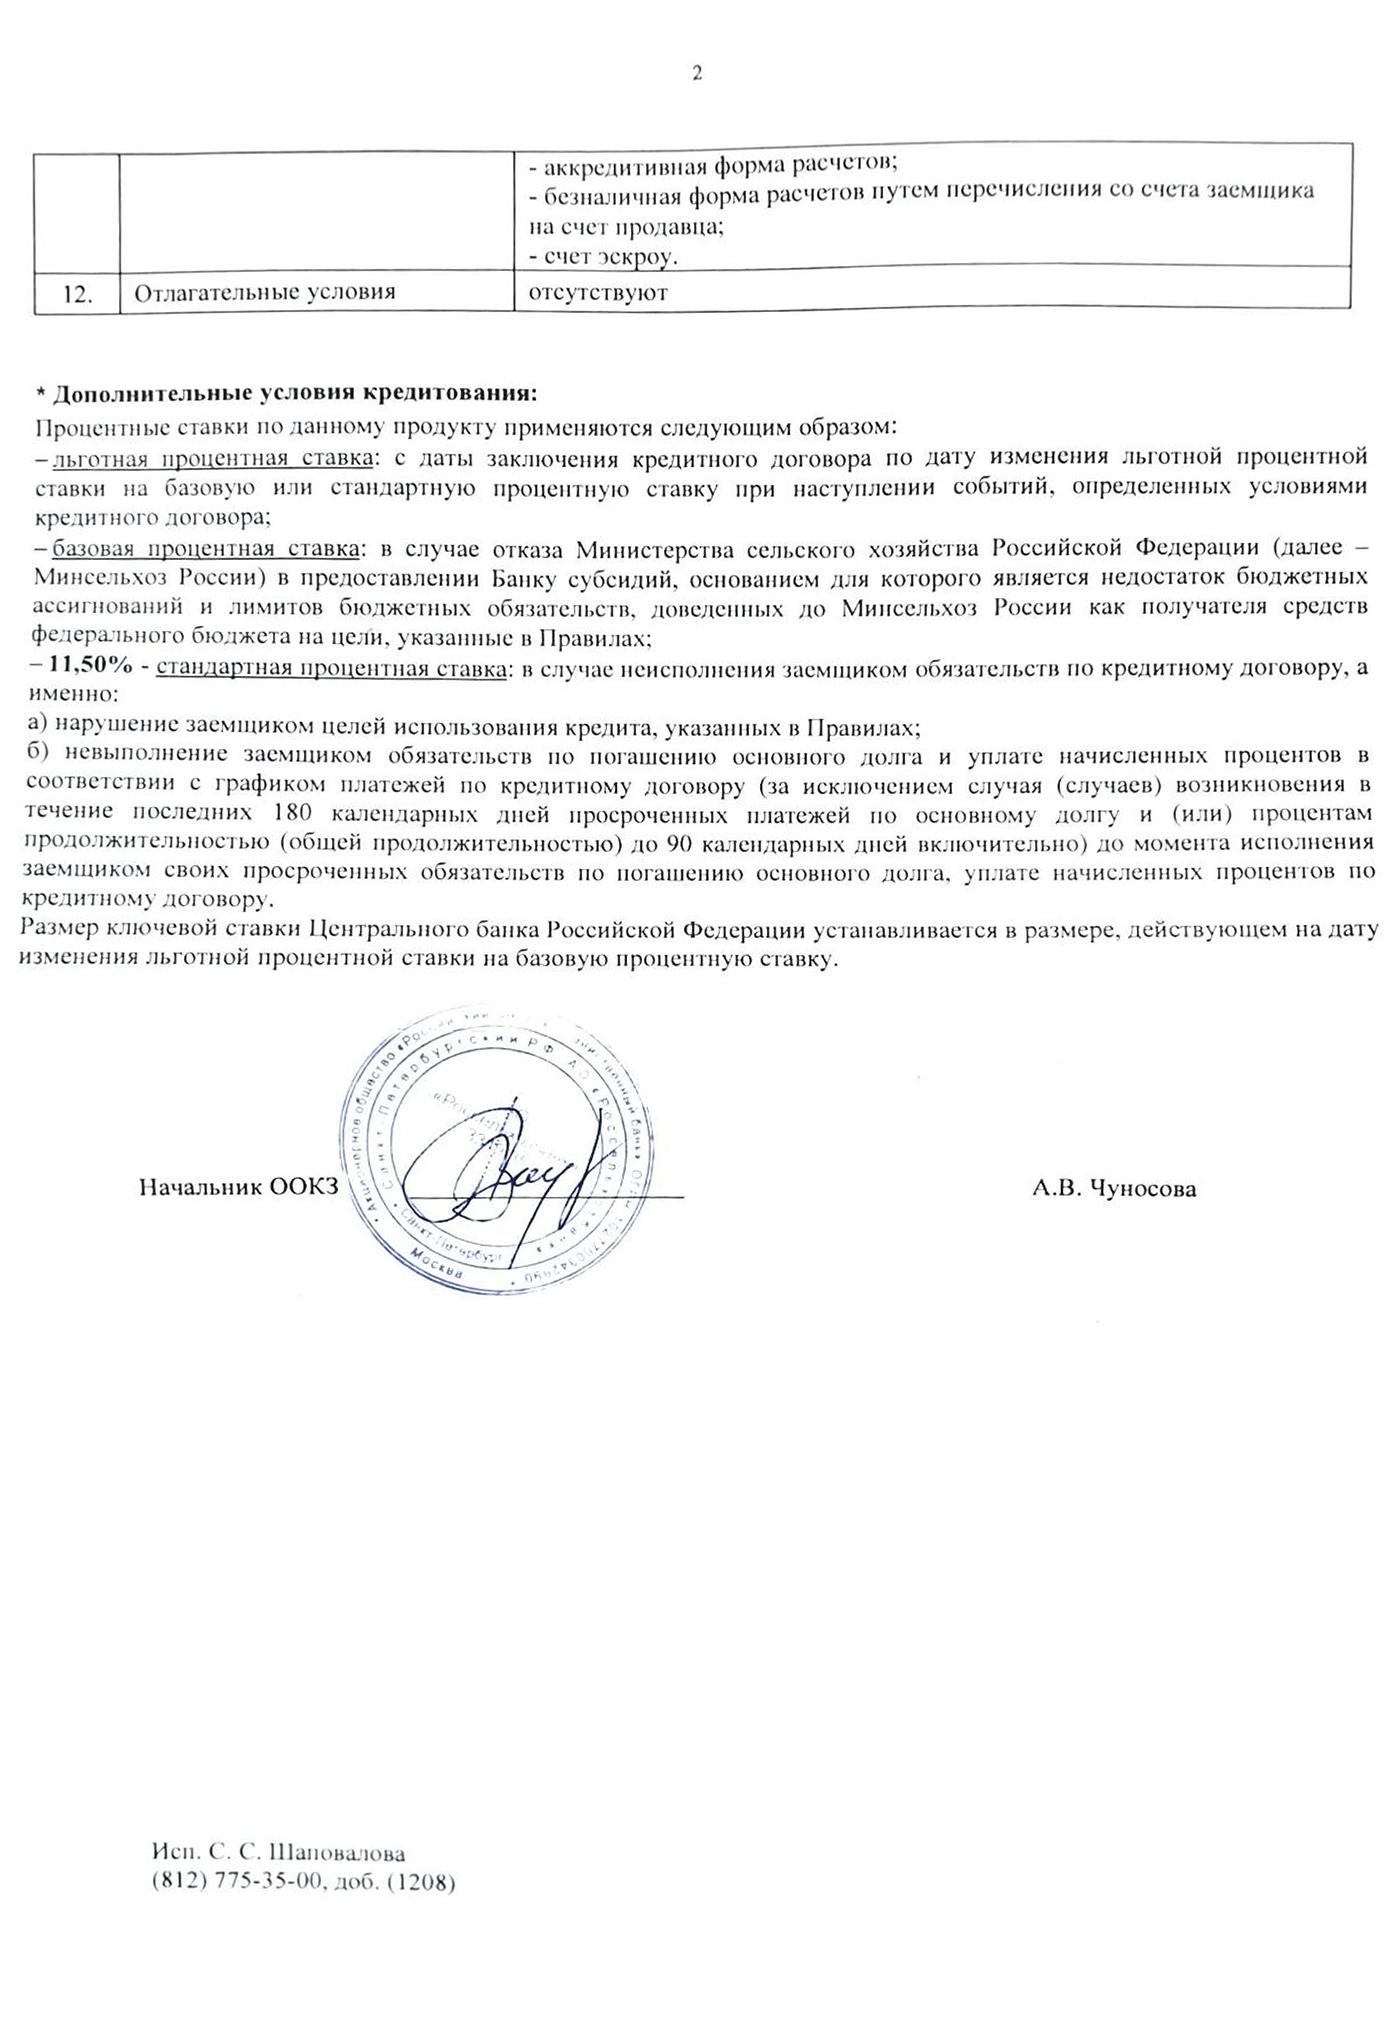 Вот так выглядит официальное одобрение. Язапрашивала только 3,5млн рублей, аодобрили мне 5млн